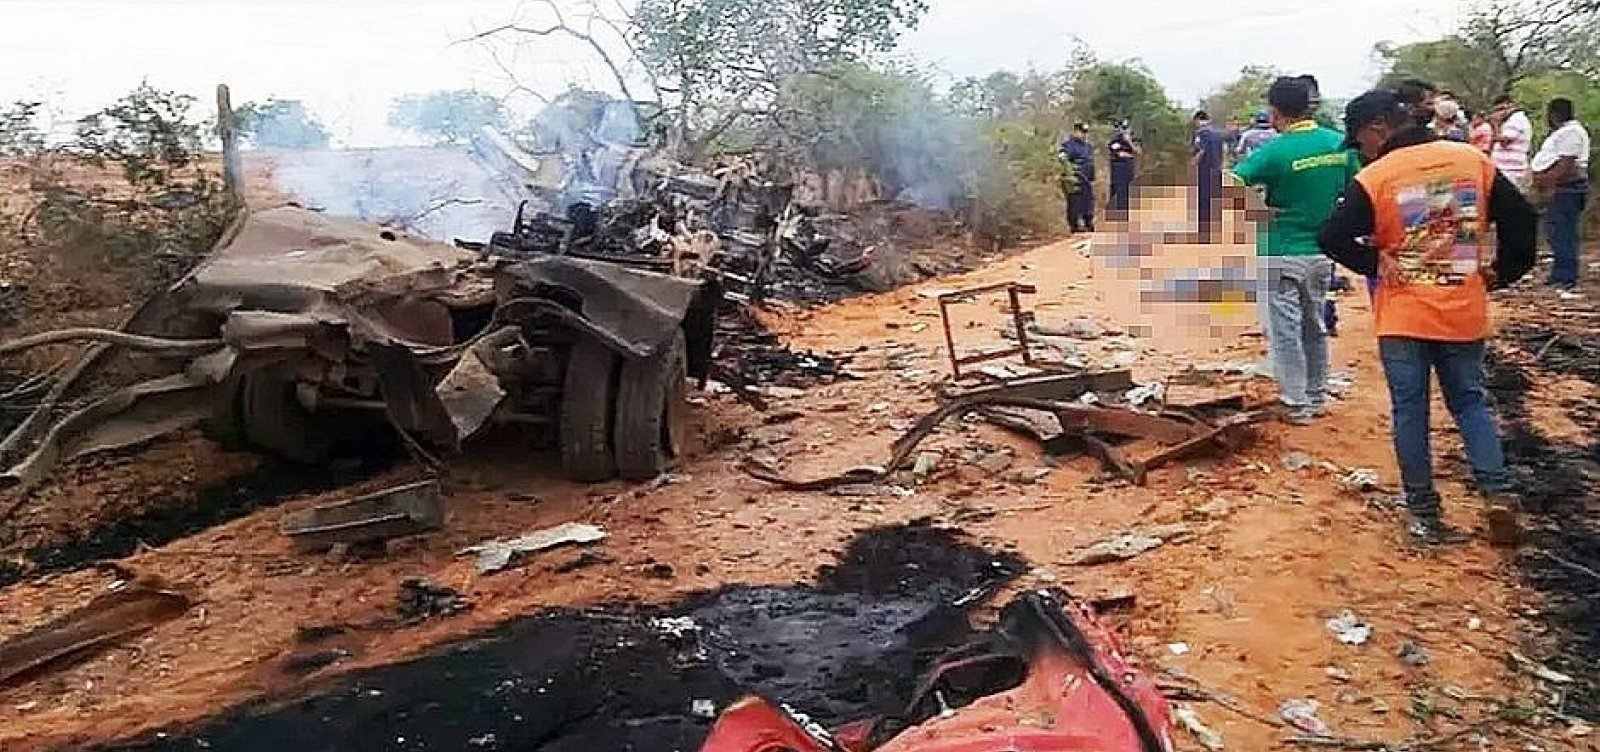 Inquérito do MPT vai investigar explosão em caminhão que matou 3 funcionários no oeste da Bahia